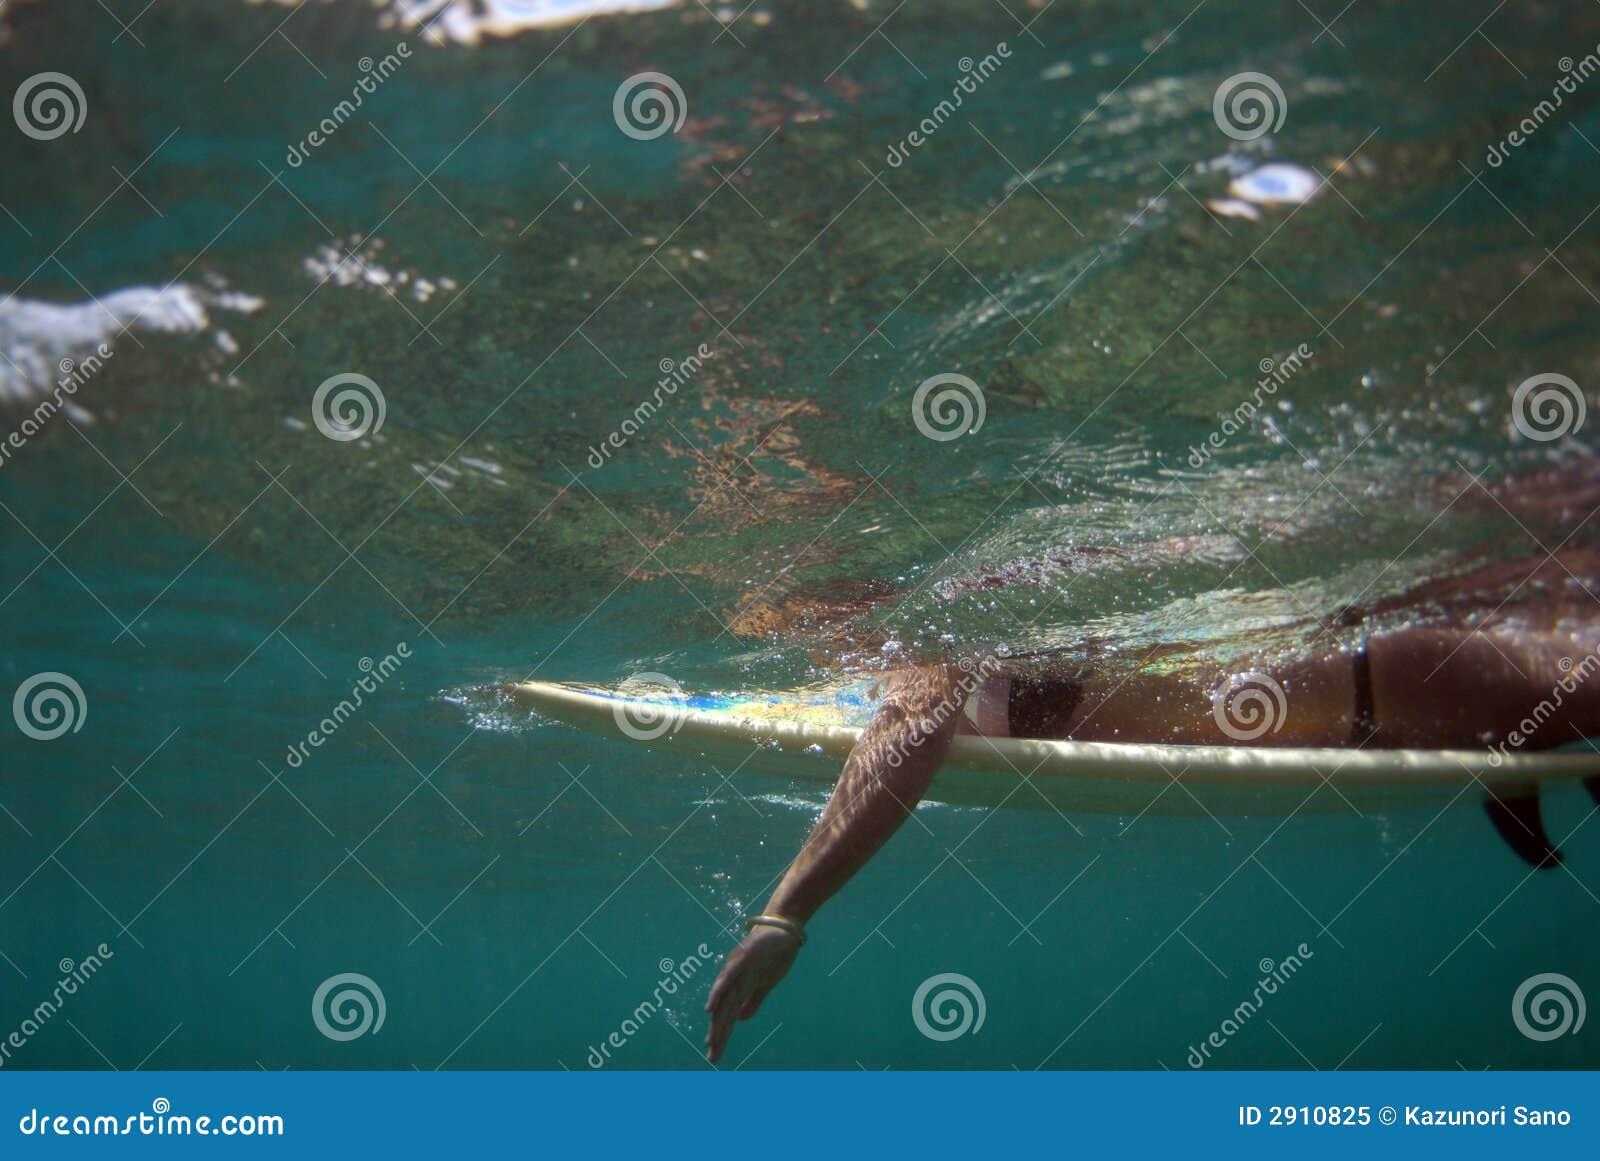 Bikibi jugendlich Surferschaufeln